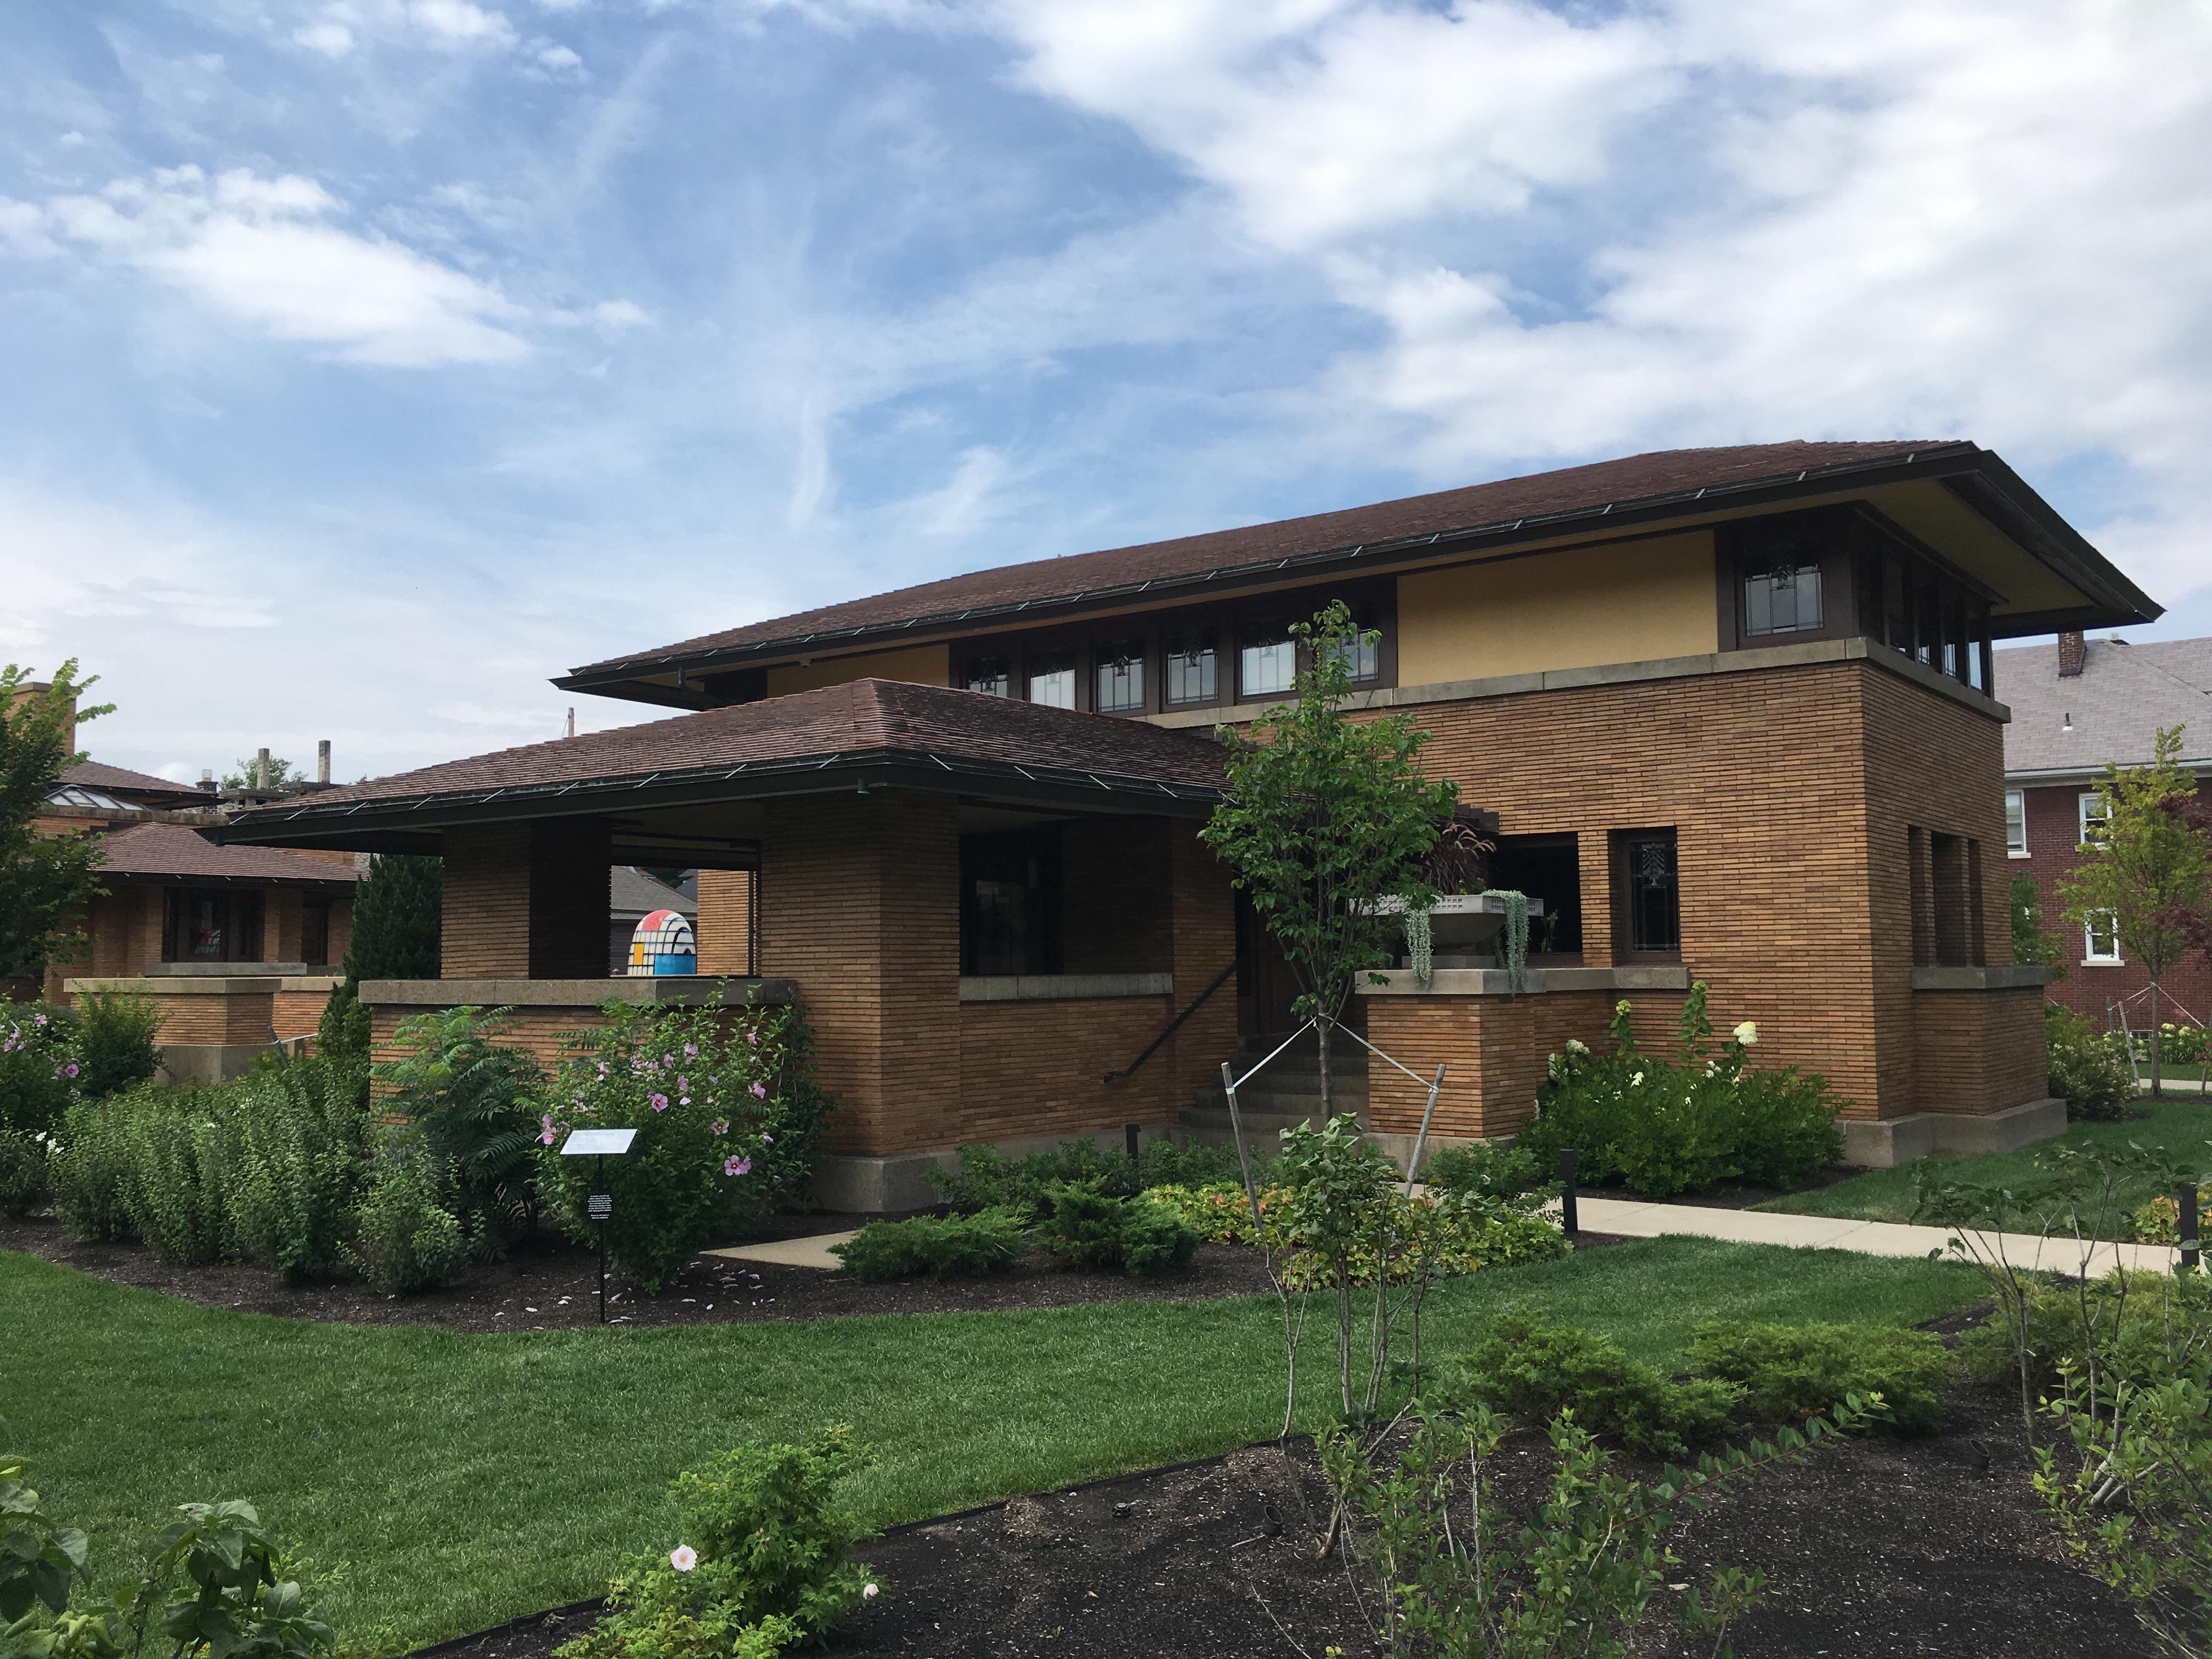 Barton House 08-16-20